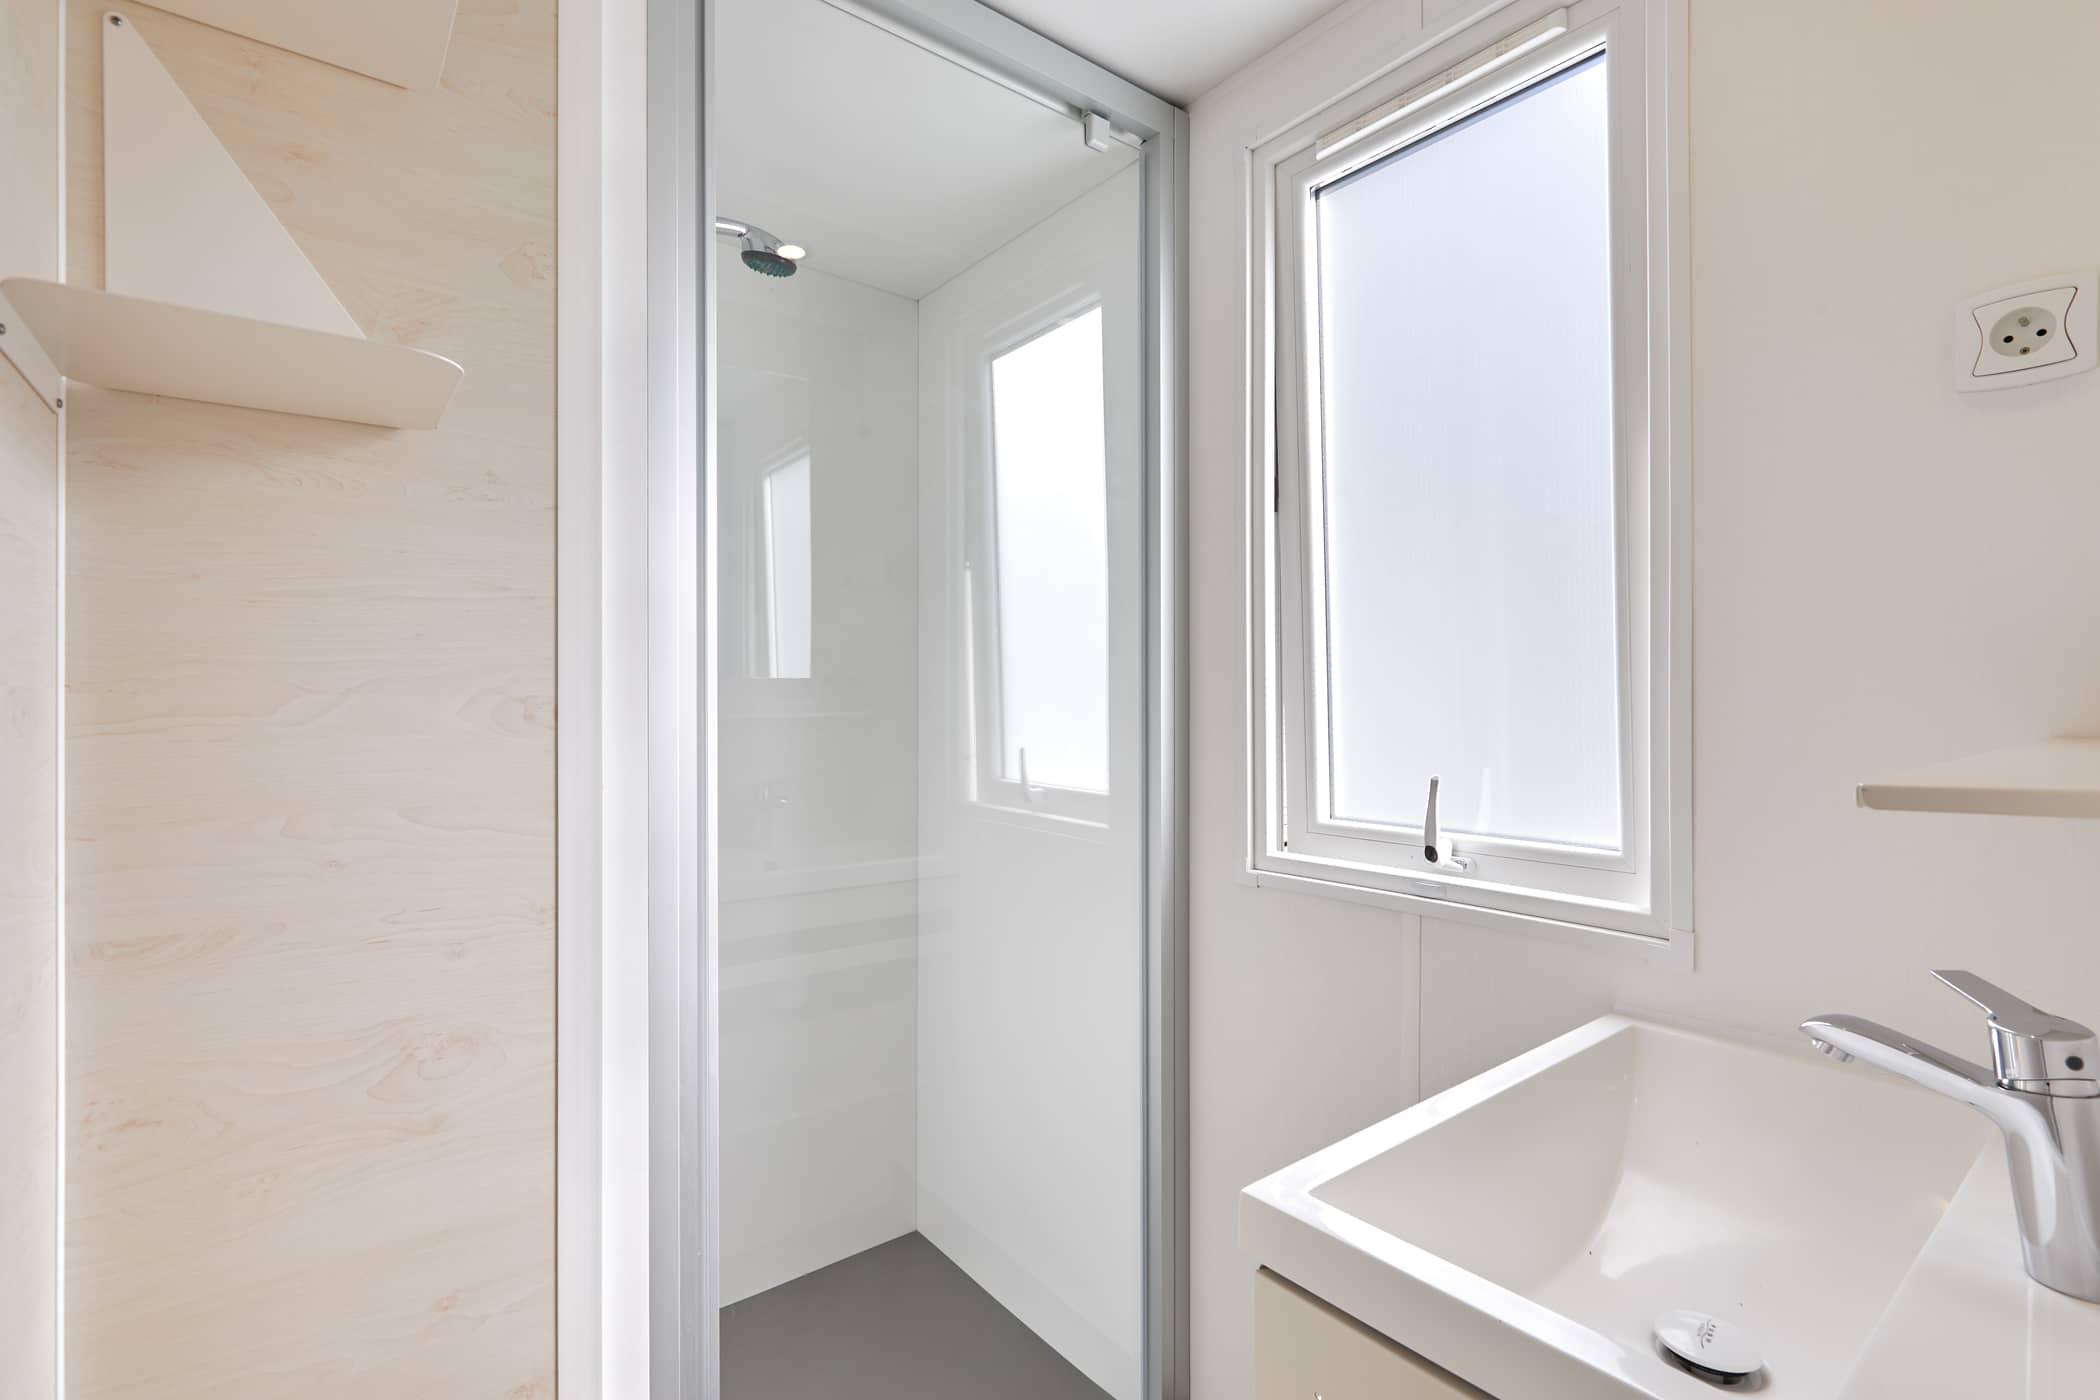 salle de douche mobil-home Châtelaillon Plage